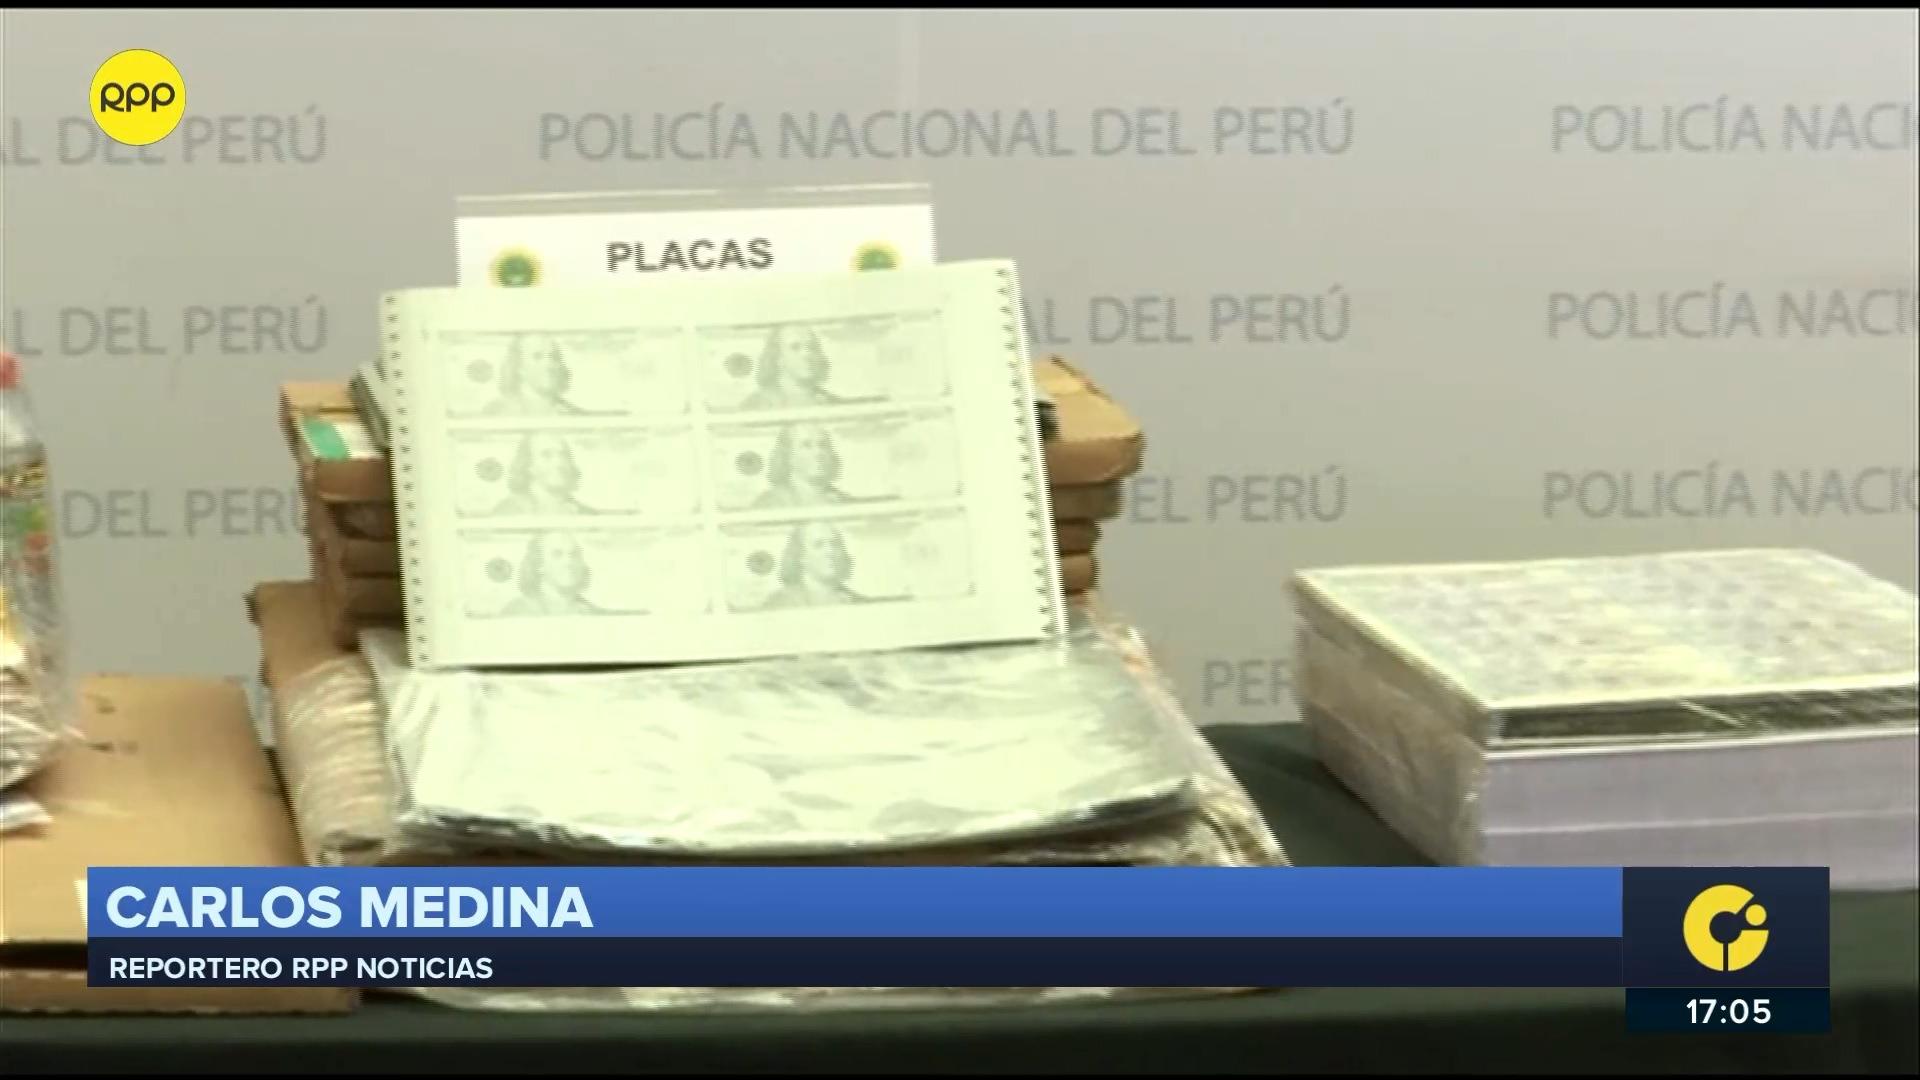 El dinero incautado tenía como destino ser comercializado en Estados Unidos y algunos países vecinos como Argentina, Chile y Ecuador.